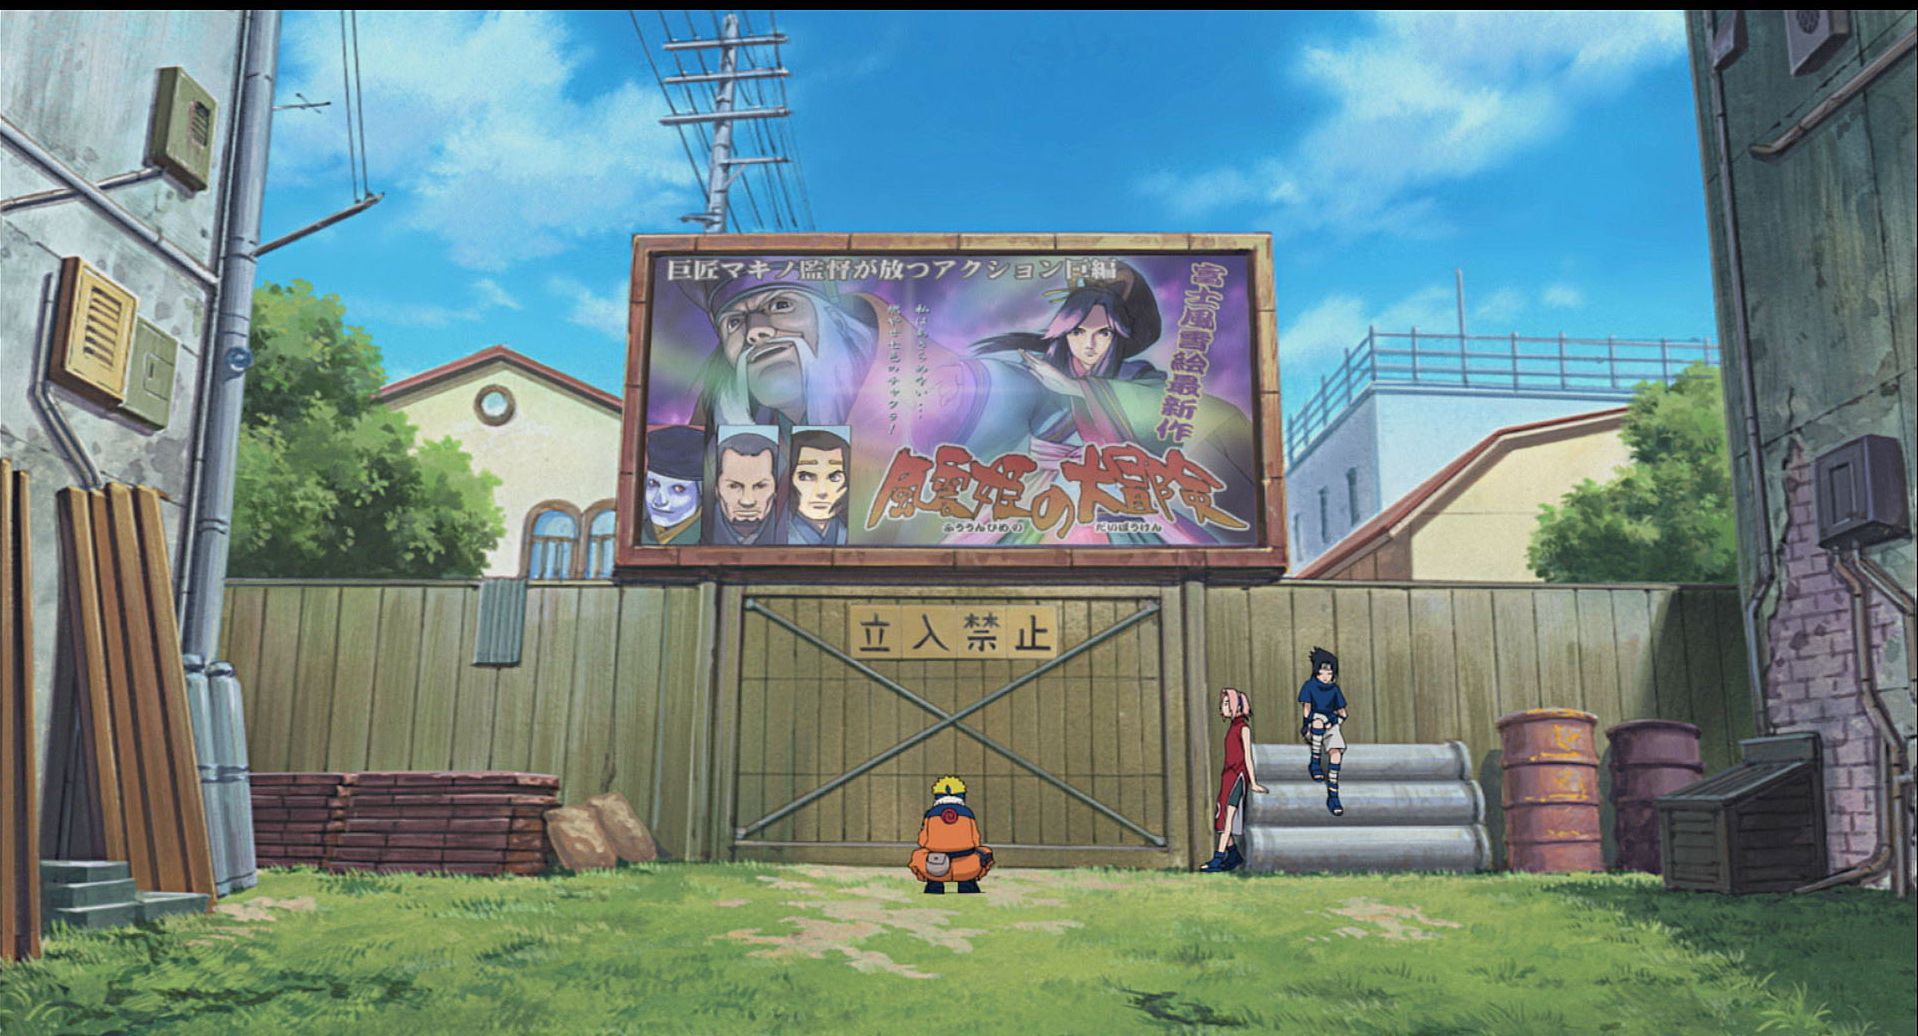 Naruto - Il film: La primavera nel paese della neve, un'immagine tratta dal film d'animazione